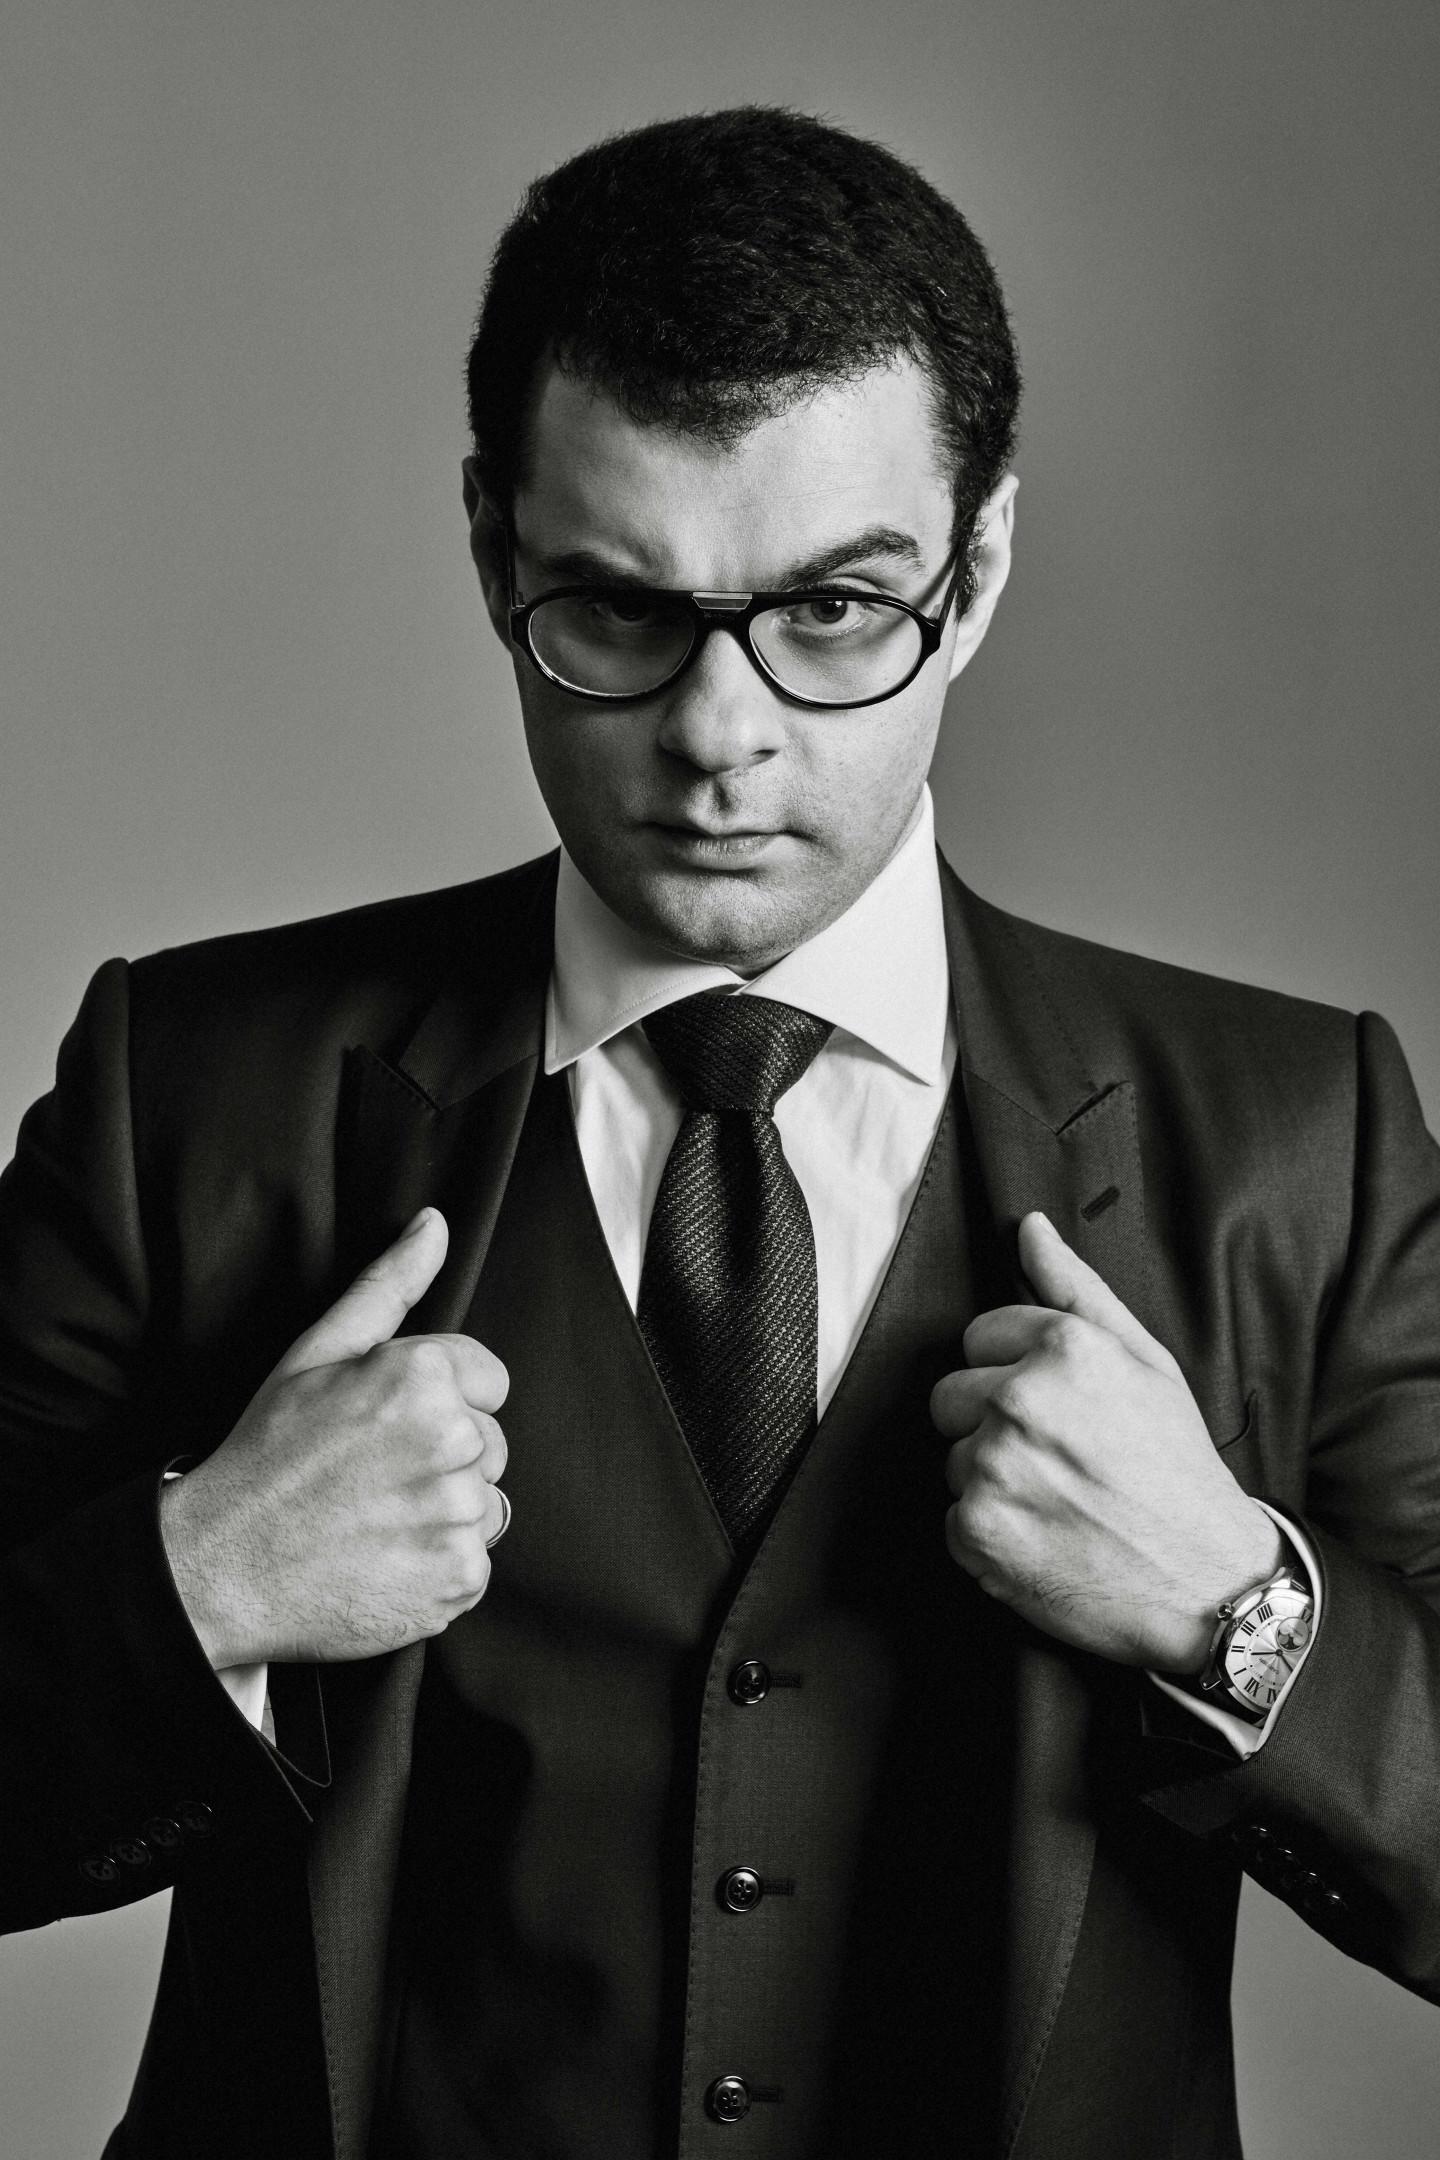 На Юсефе: костюм-тройка Dolce&Gabbana, сорочка Van Laack, галстук Ermenegildo Zegna, запонки Cartier, часы Drive de Cartier